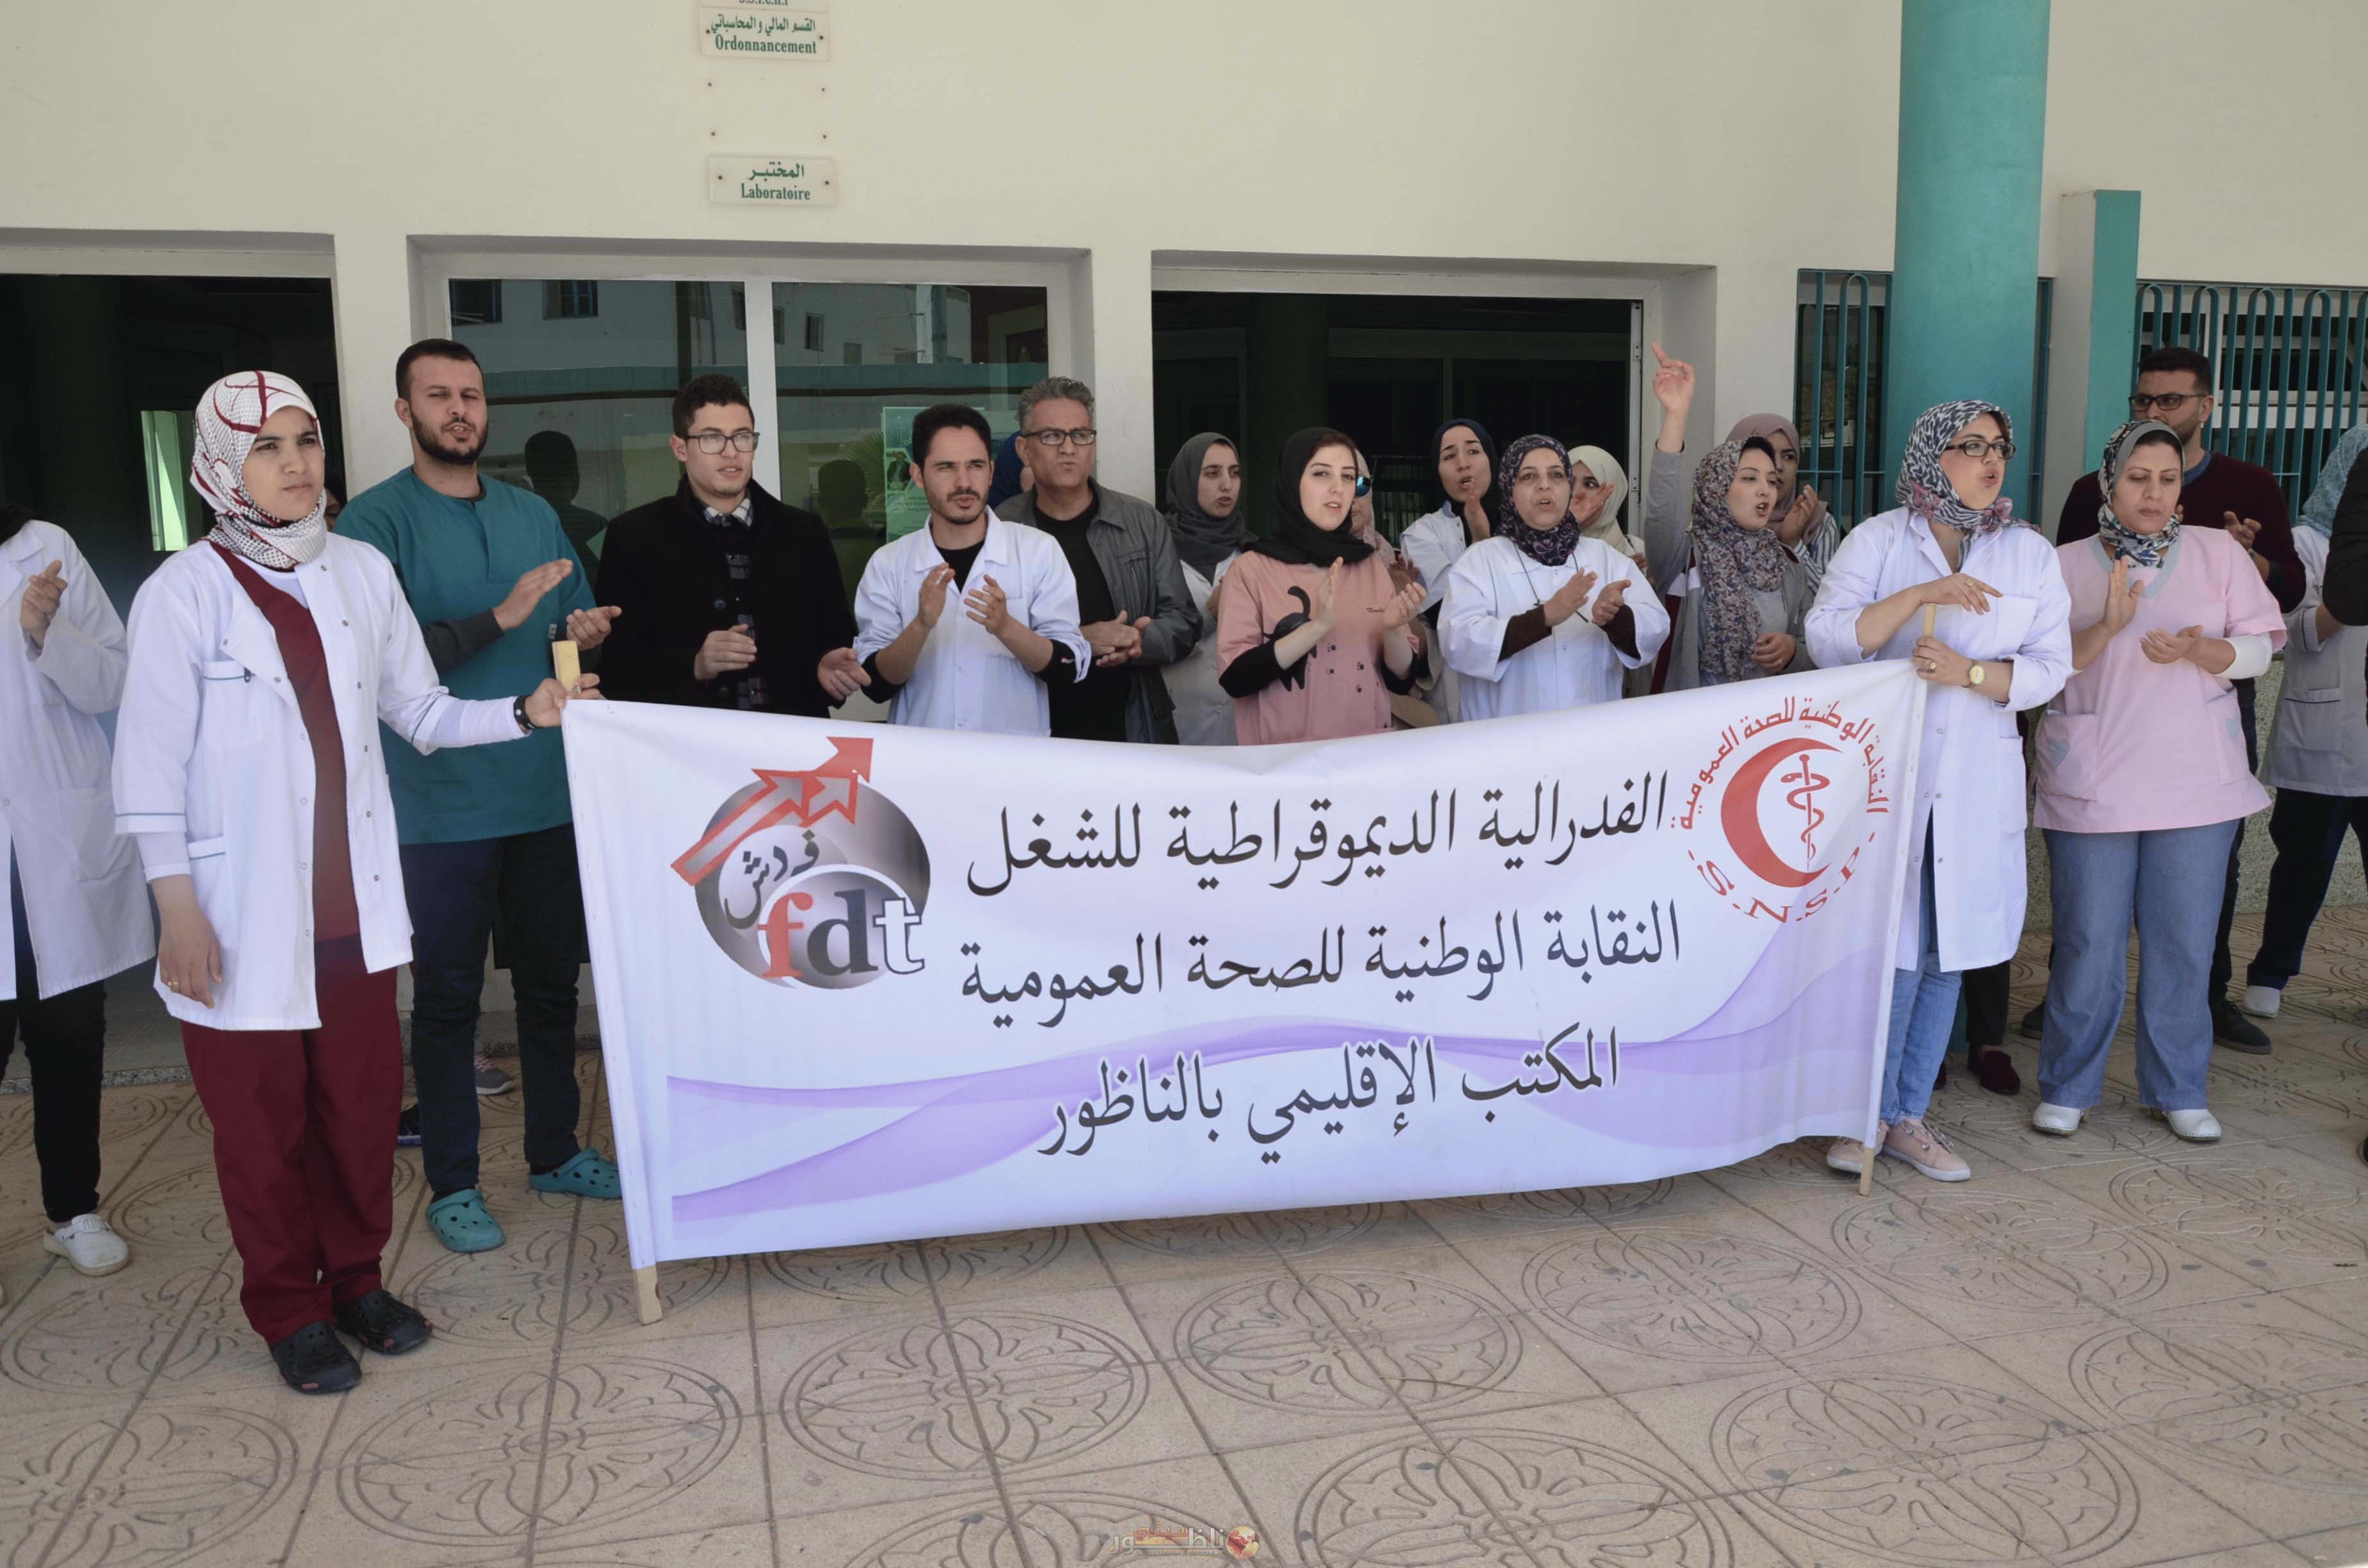 مطالب نقابية للتحقيق في اختلالات بمندوبية وزارة الصحة بالناظور